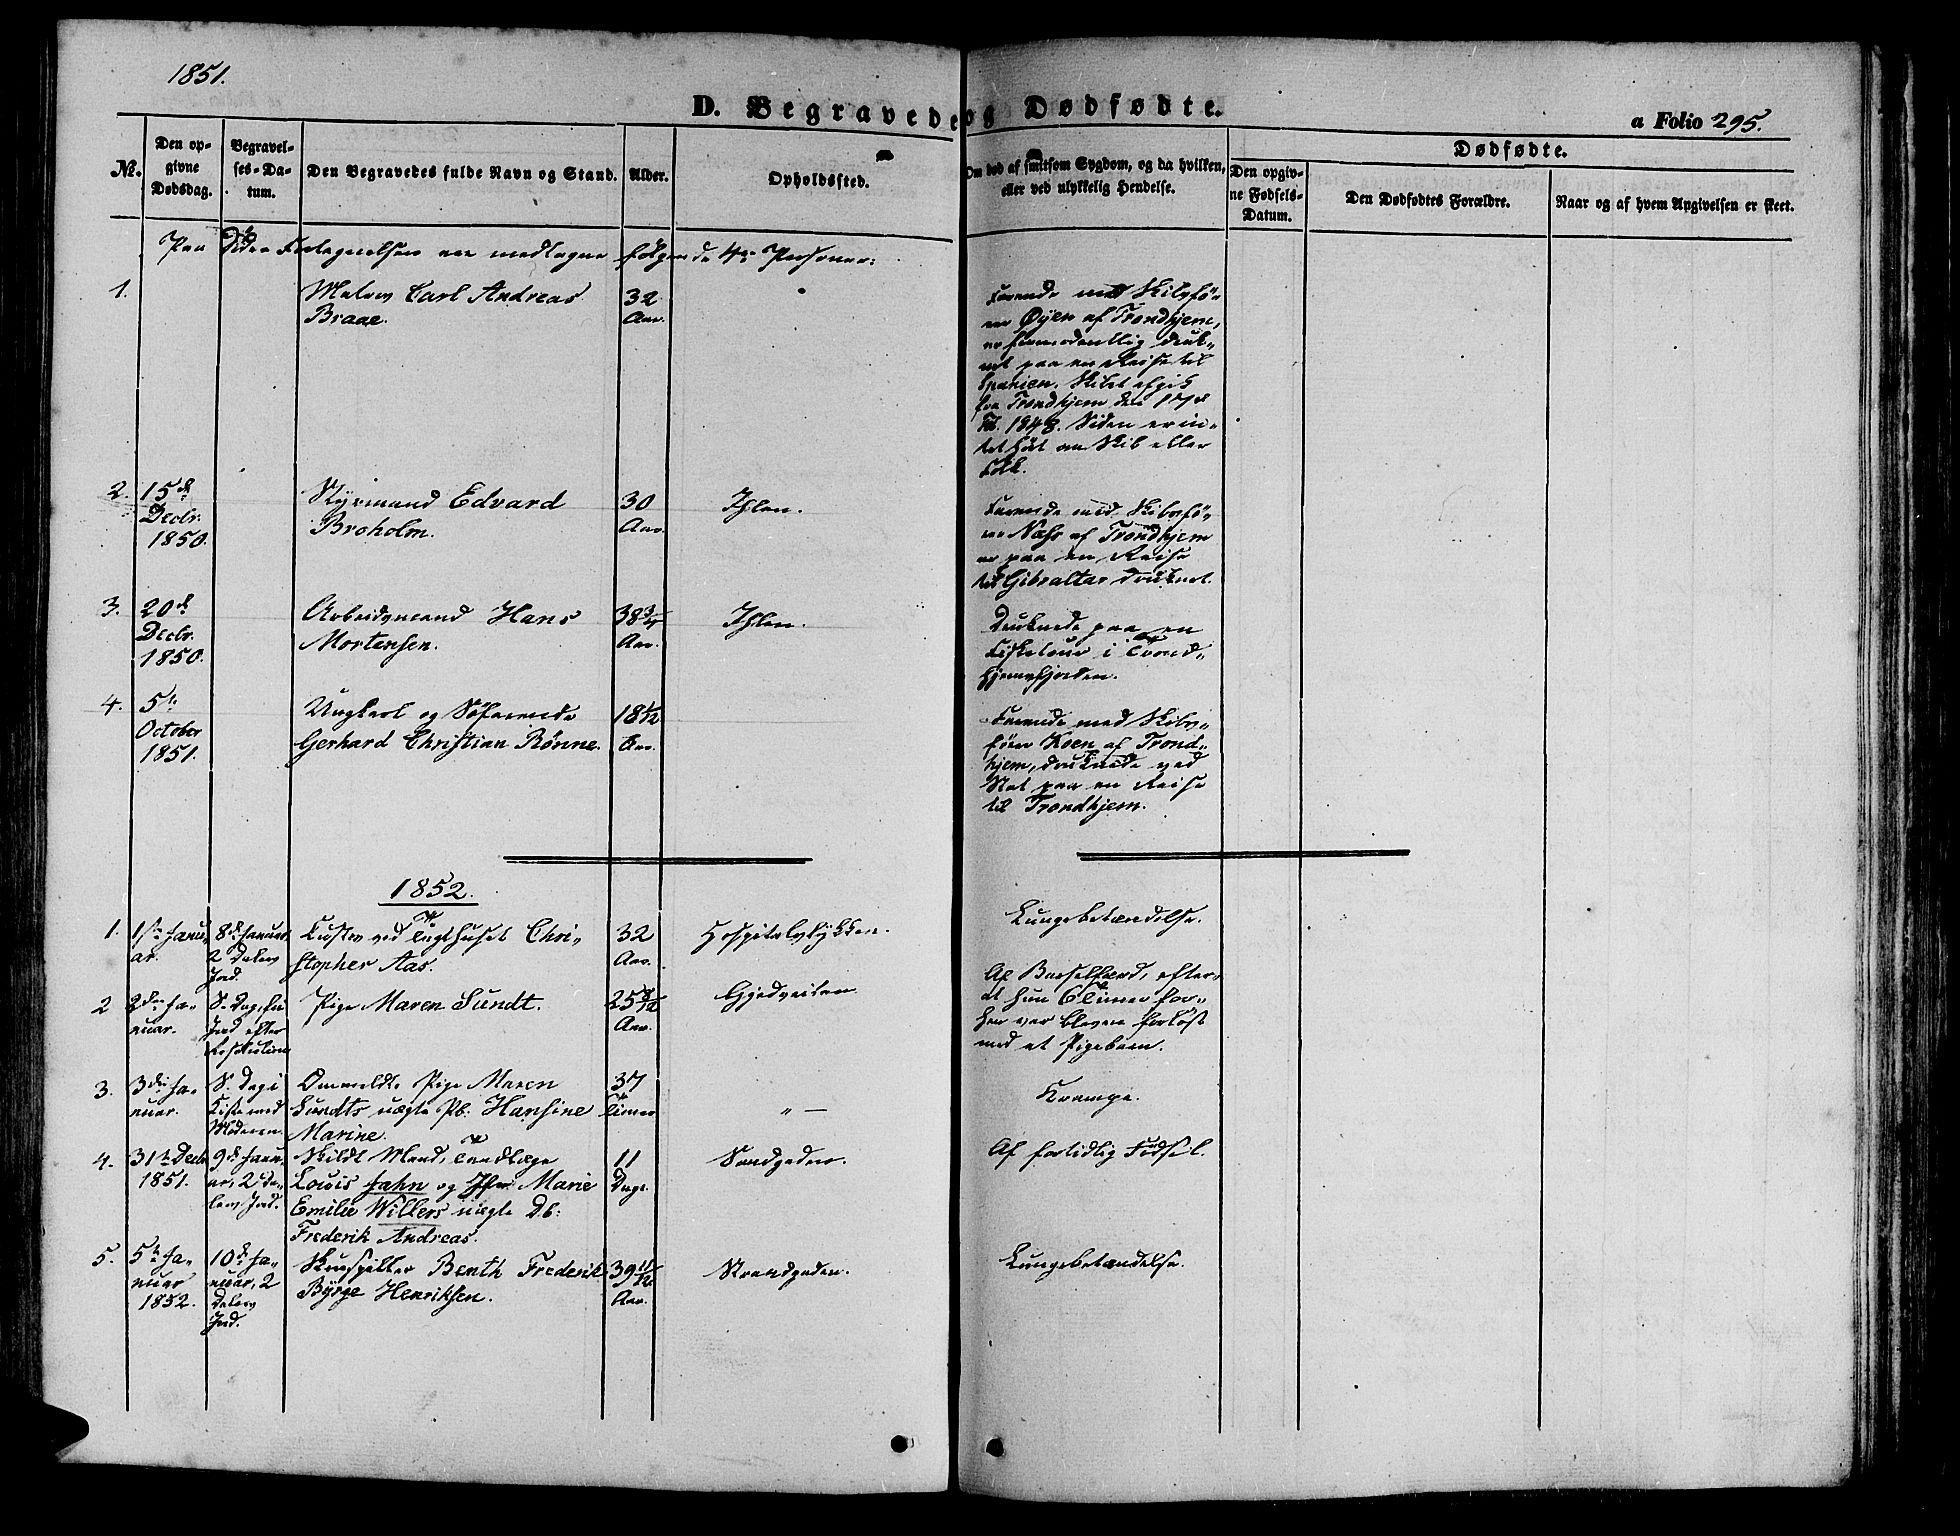 SAT, Ministerialprotokoller, klokkerbøker og fødselsregistre - Sør-Trøndelag, 602/L0137: Klokkerbok nr. 602C05, 1846-1856, s. 295